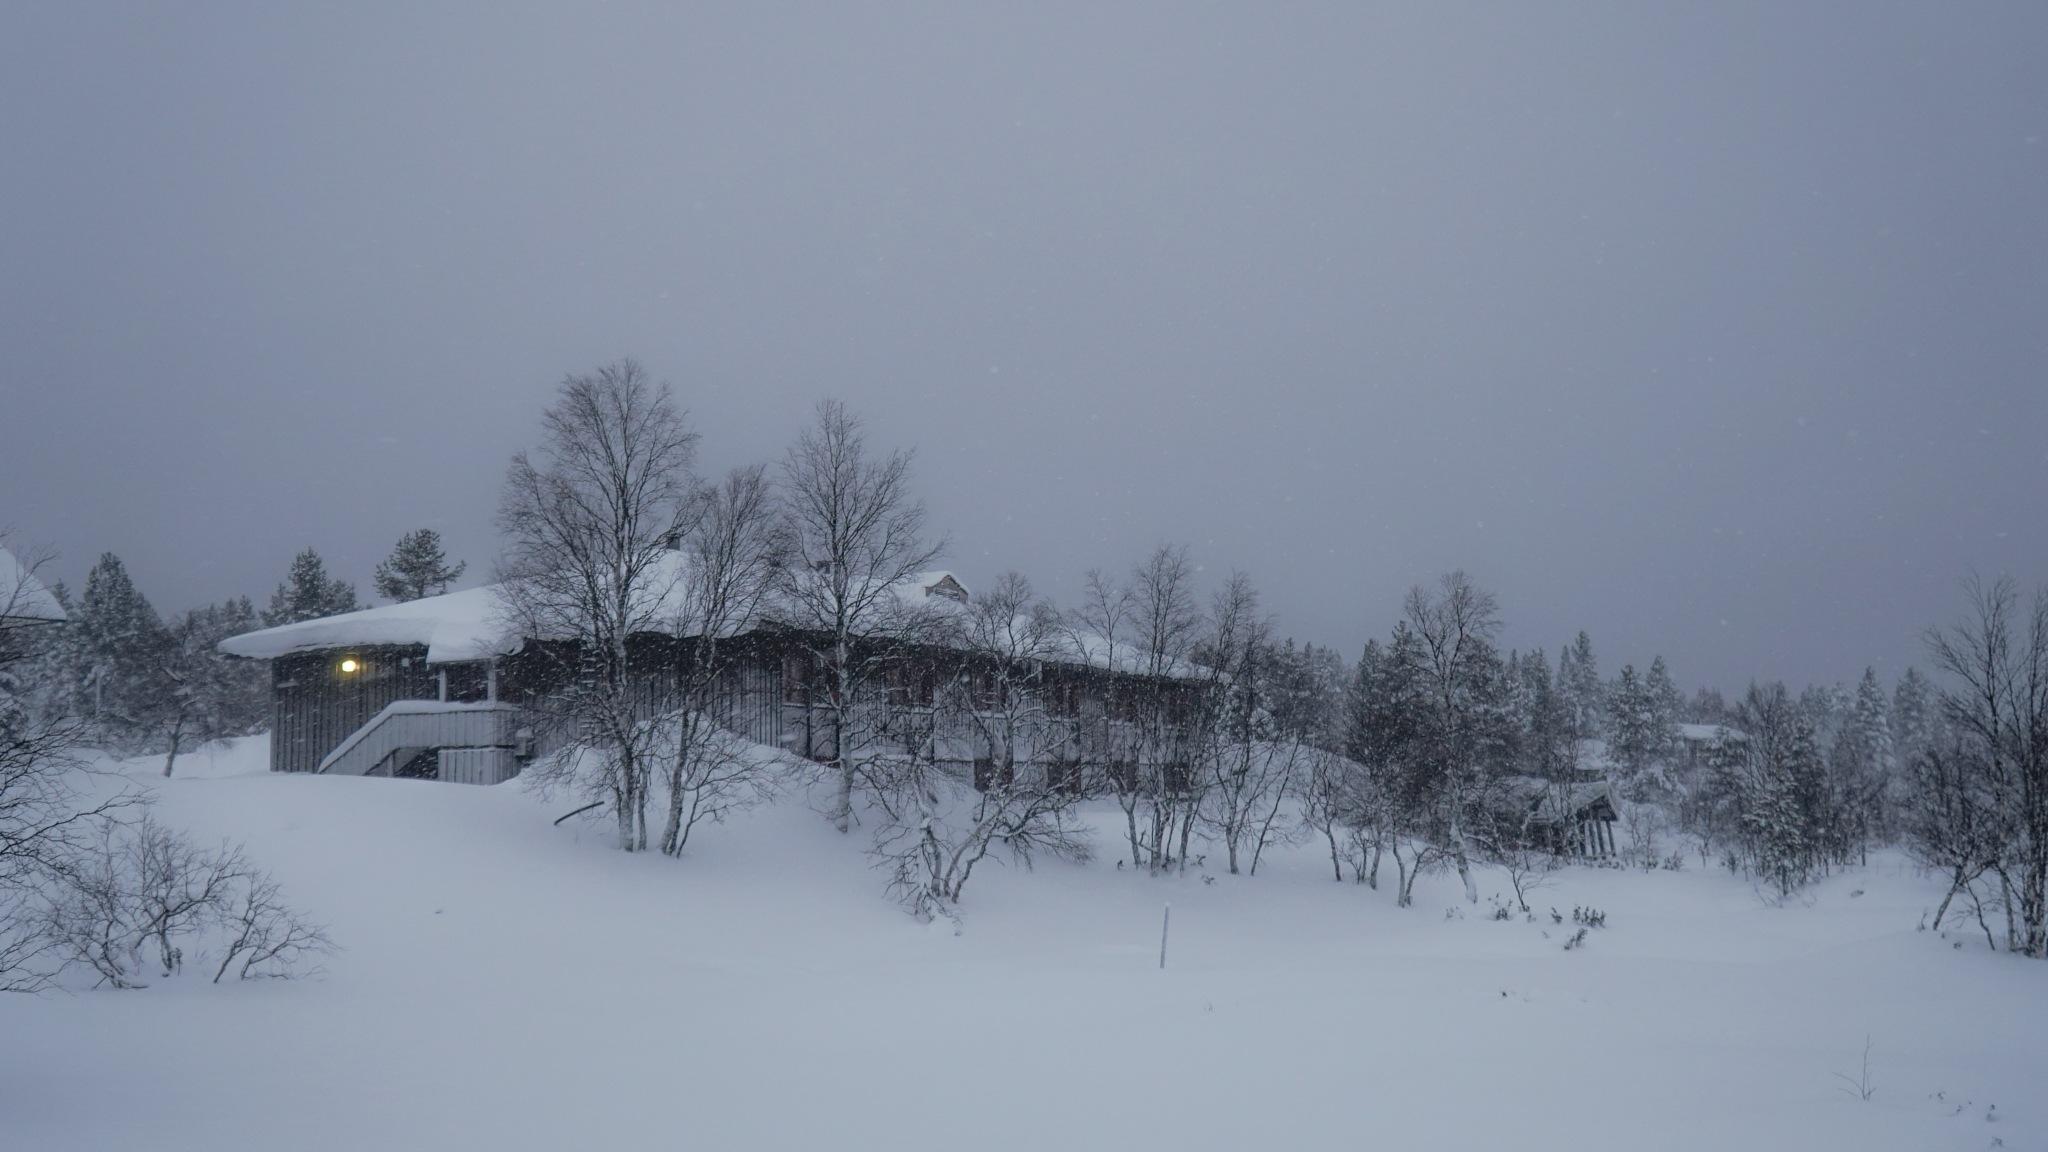 frozen by JIHO PARK